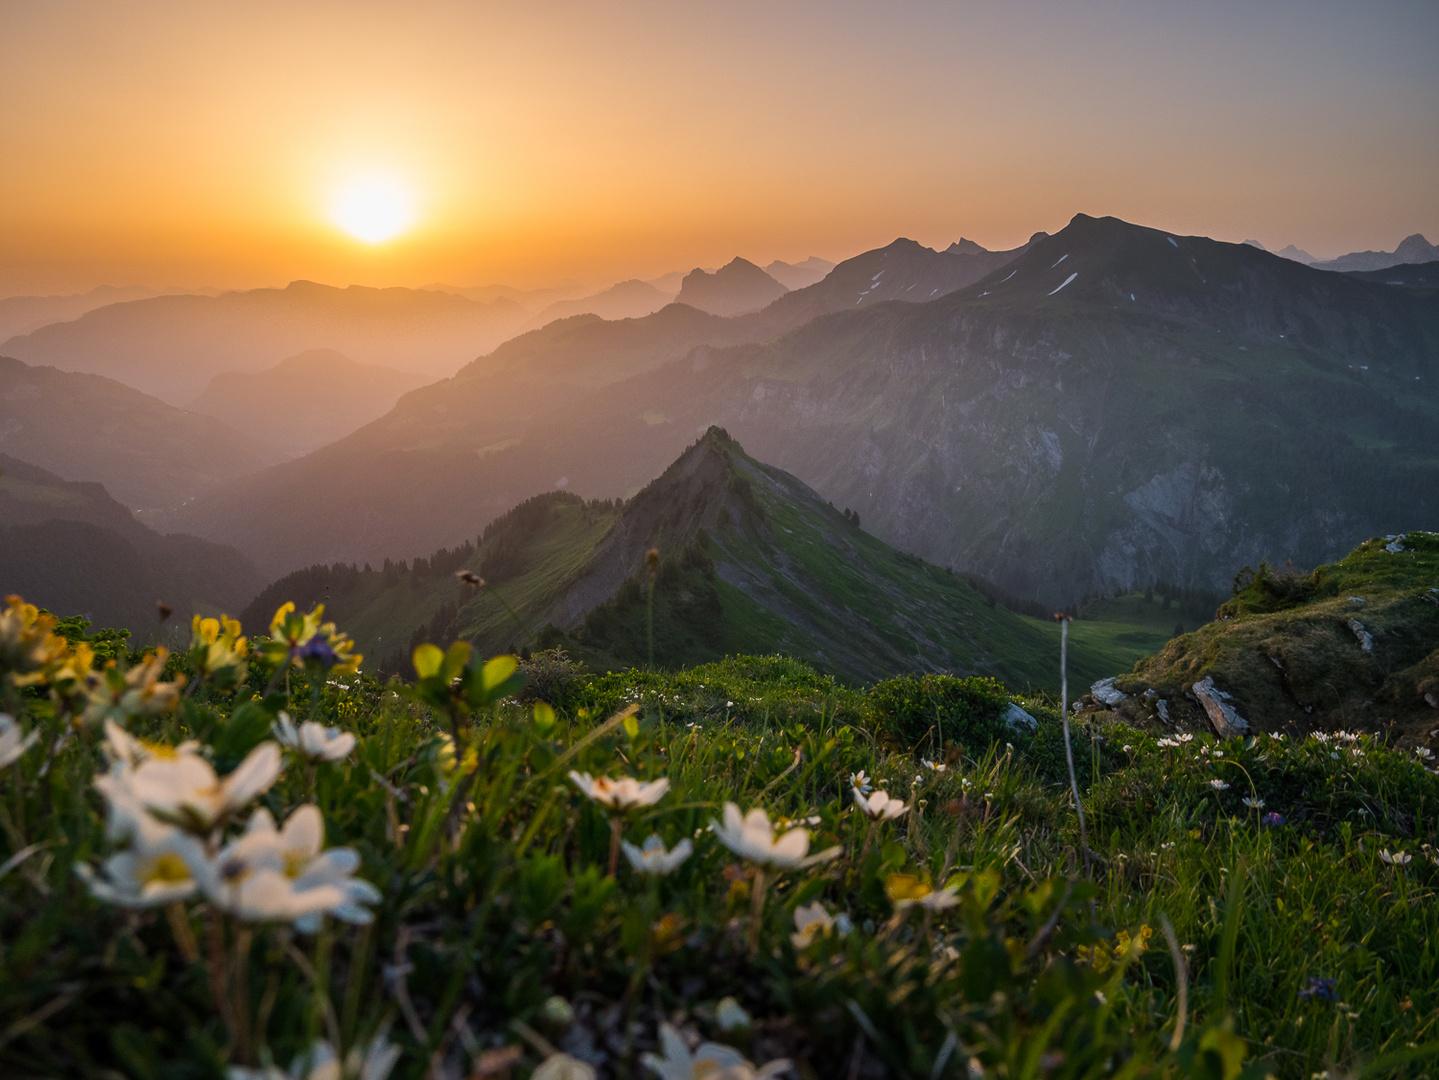 Alpenromantik 2